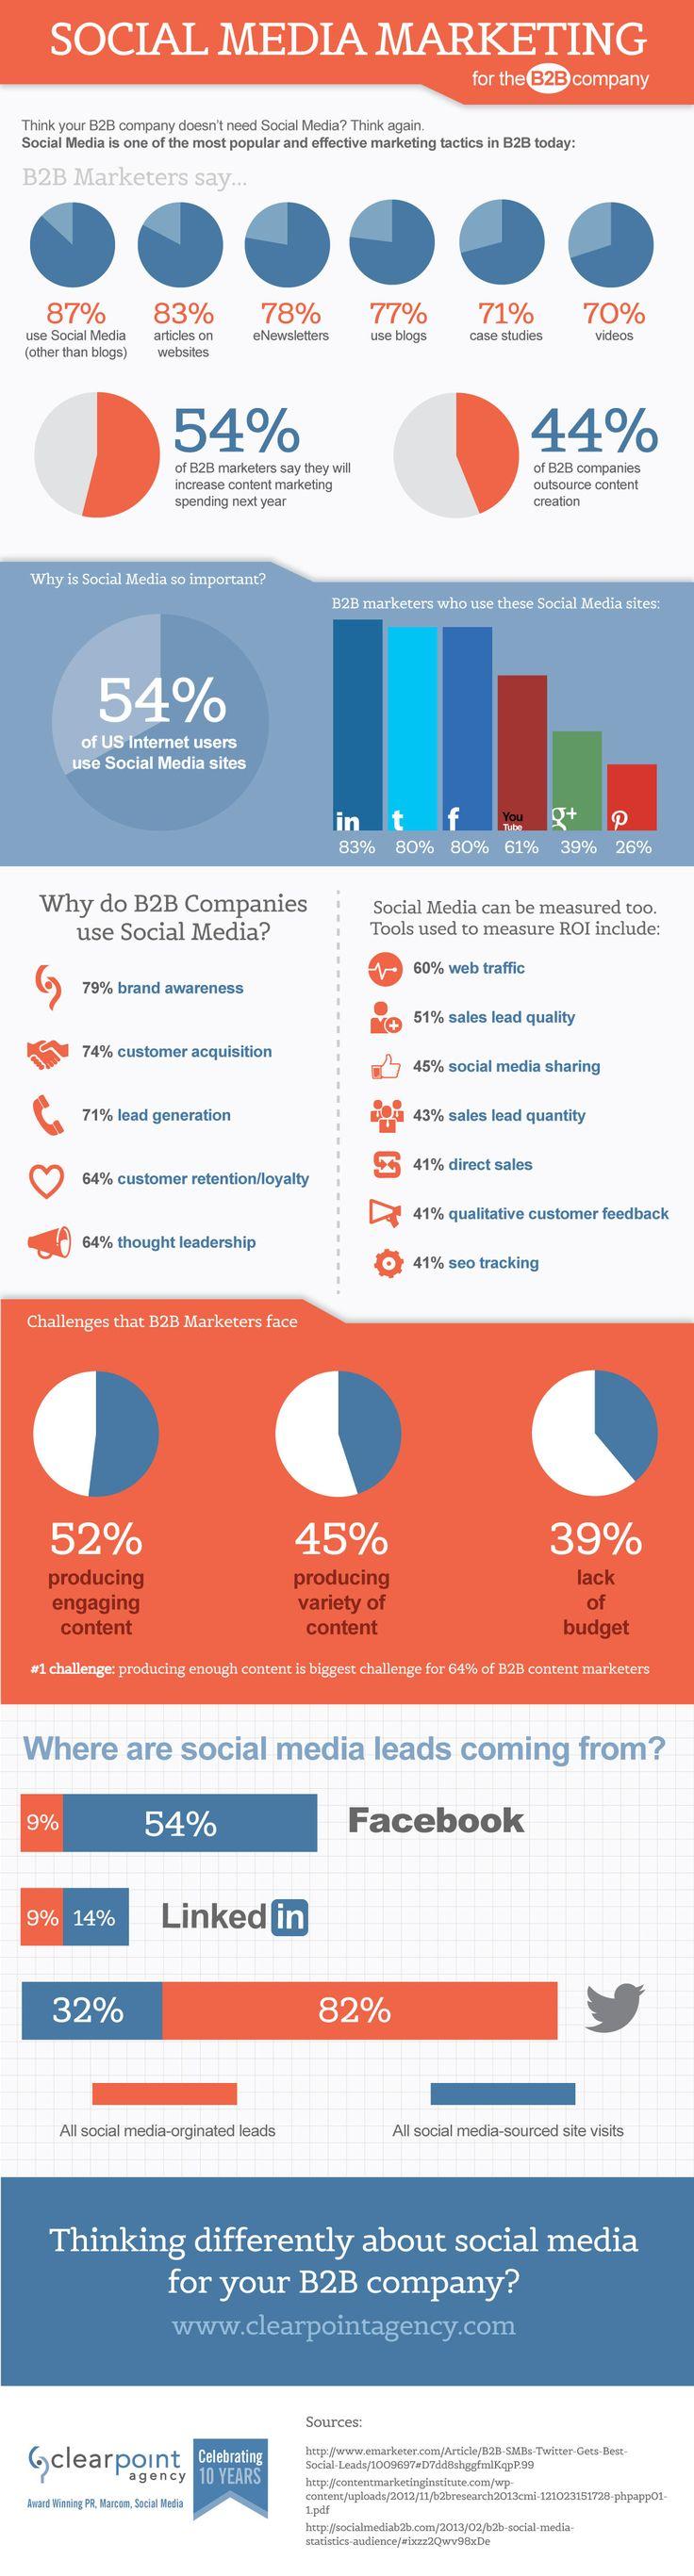 Social Media Marketing para empresas B2B #infografia #infographic #socialmedia